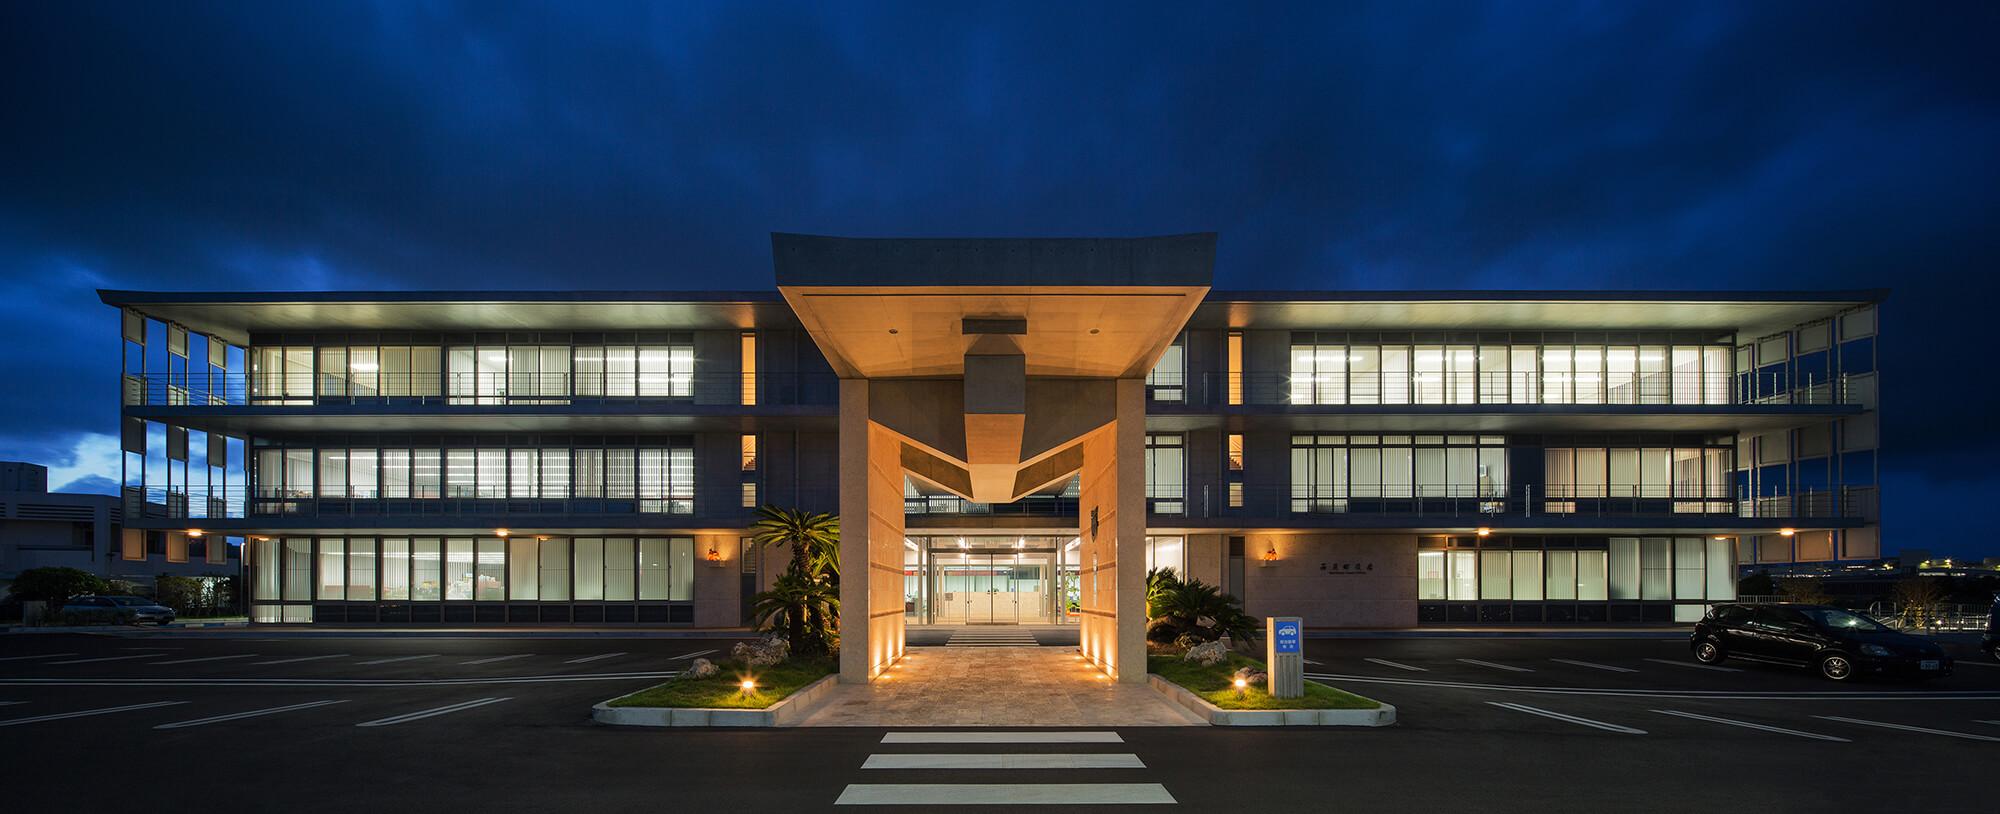 『西原町庁舎等複合施設』-沖縄県西原町-建築写真・竣工写真・インテリア写真1